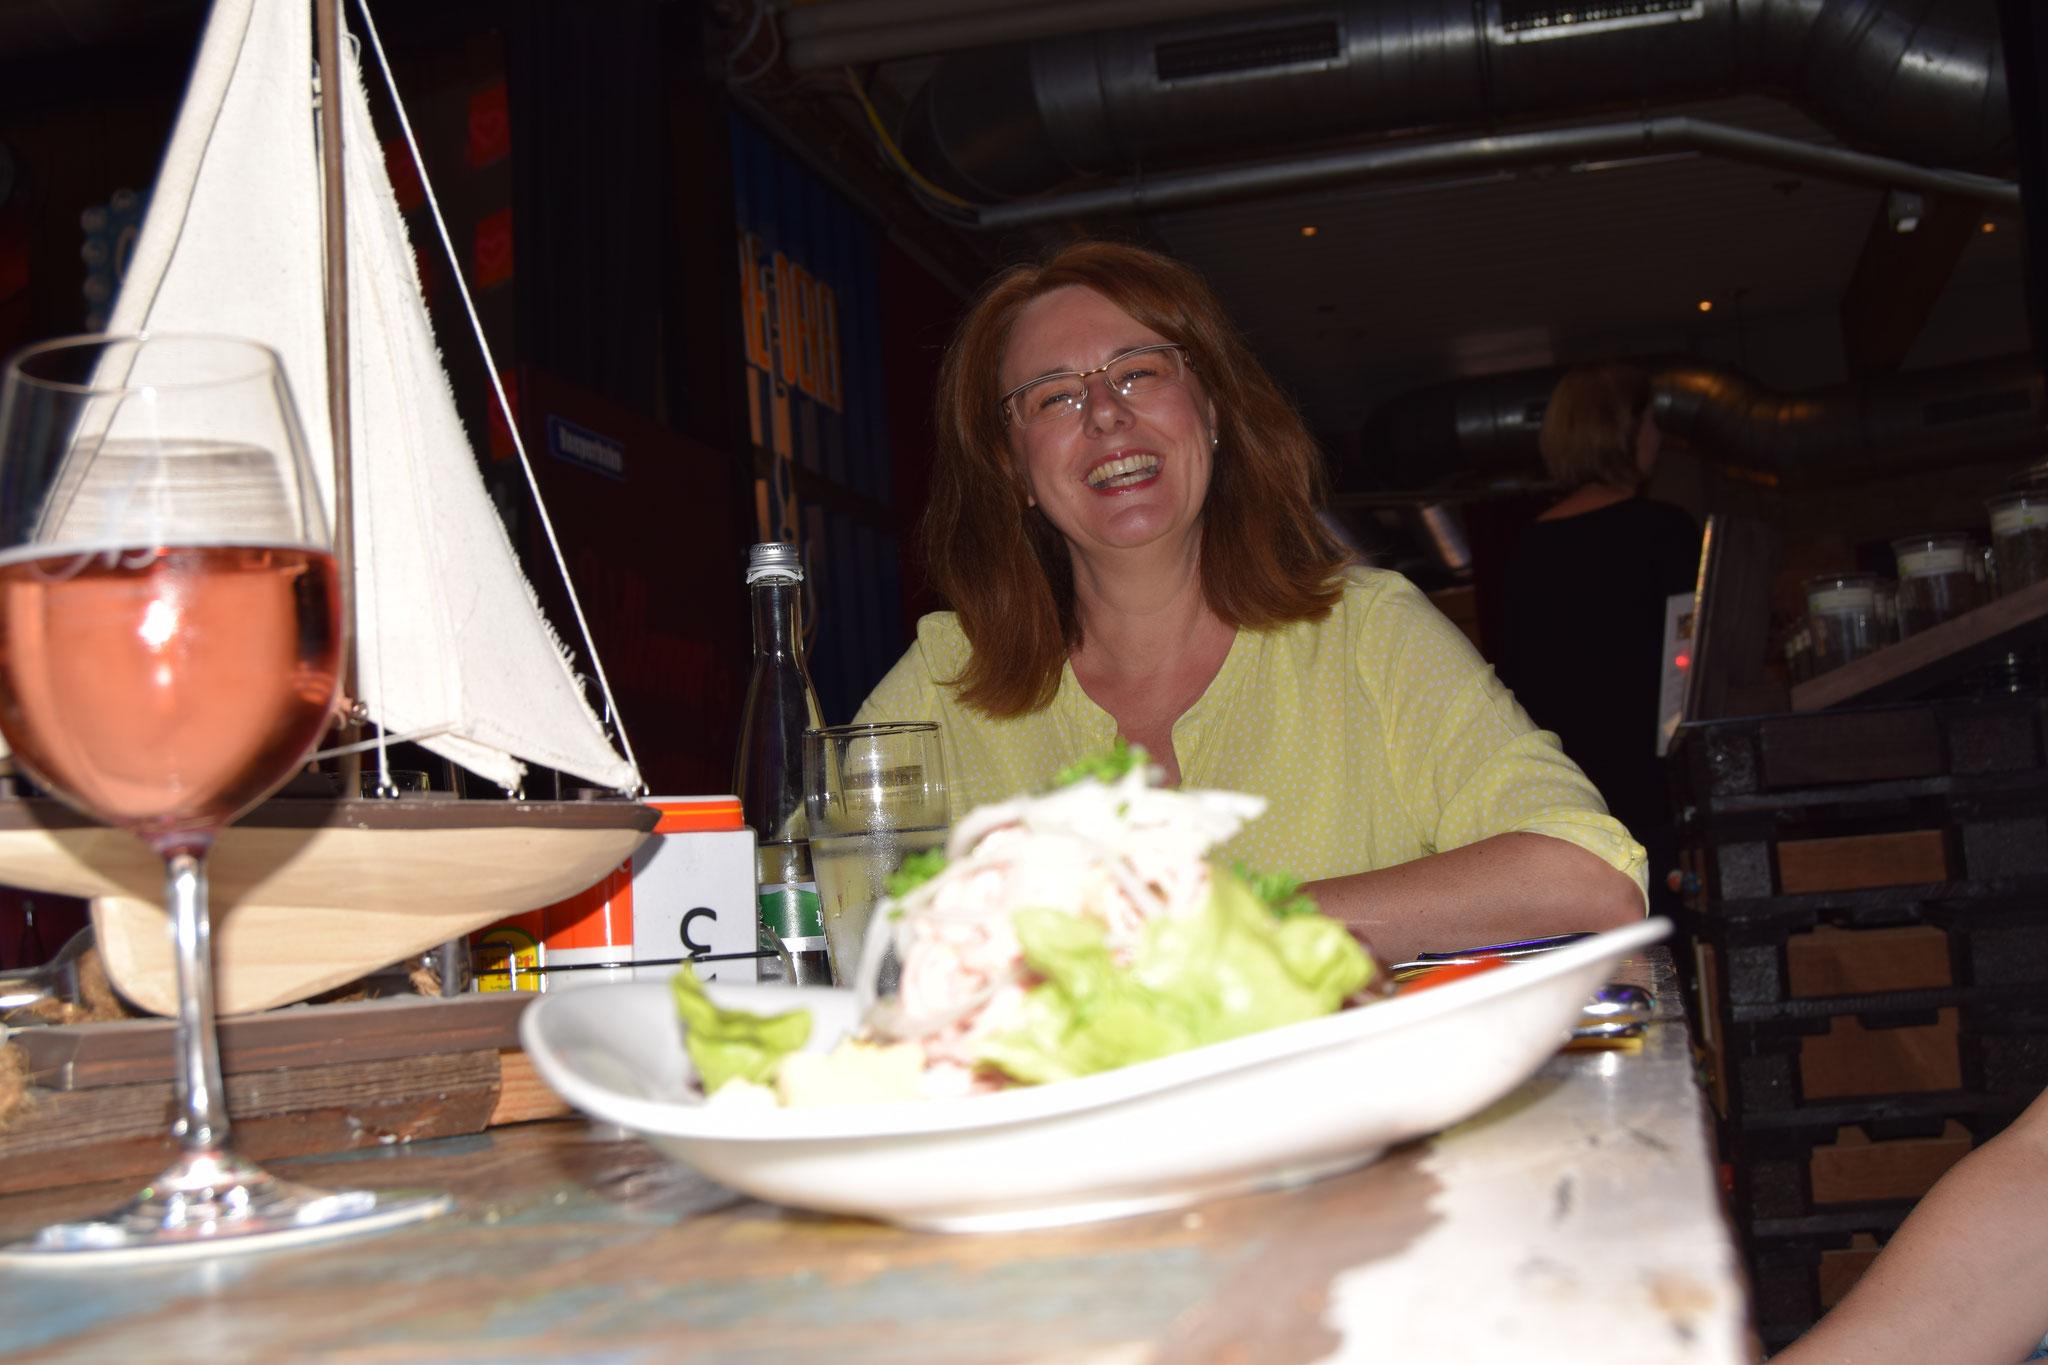 07-16 vor unserem Wasserseminar: Abendessen im Rantastic, Haueneberstein